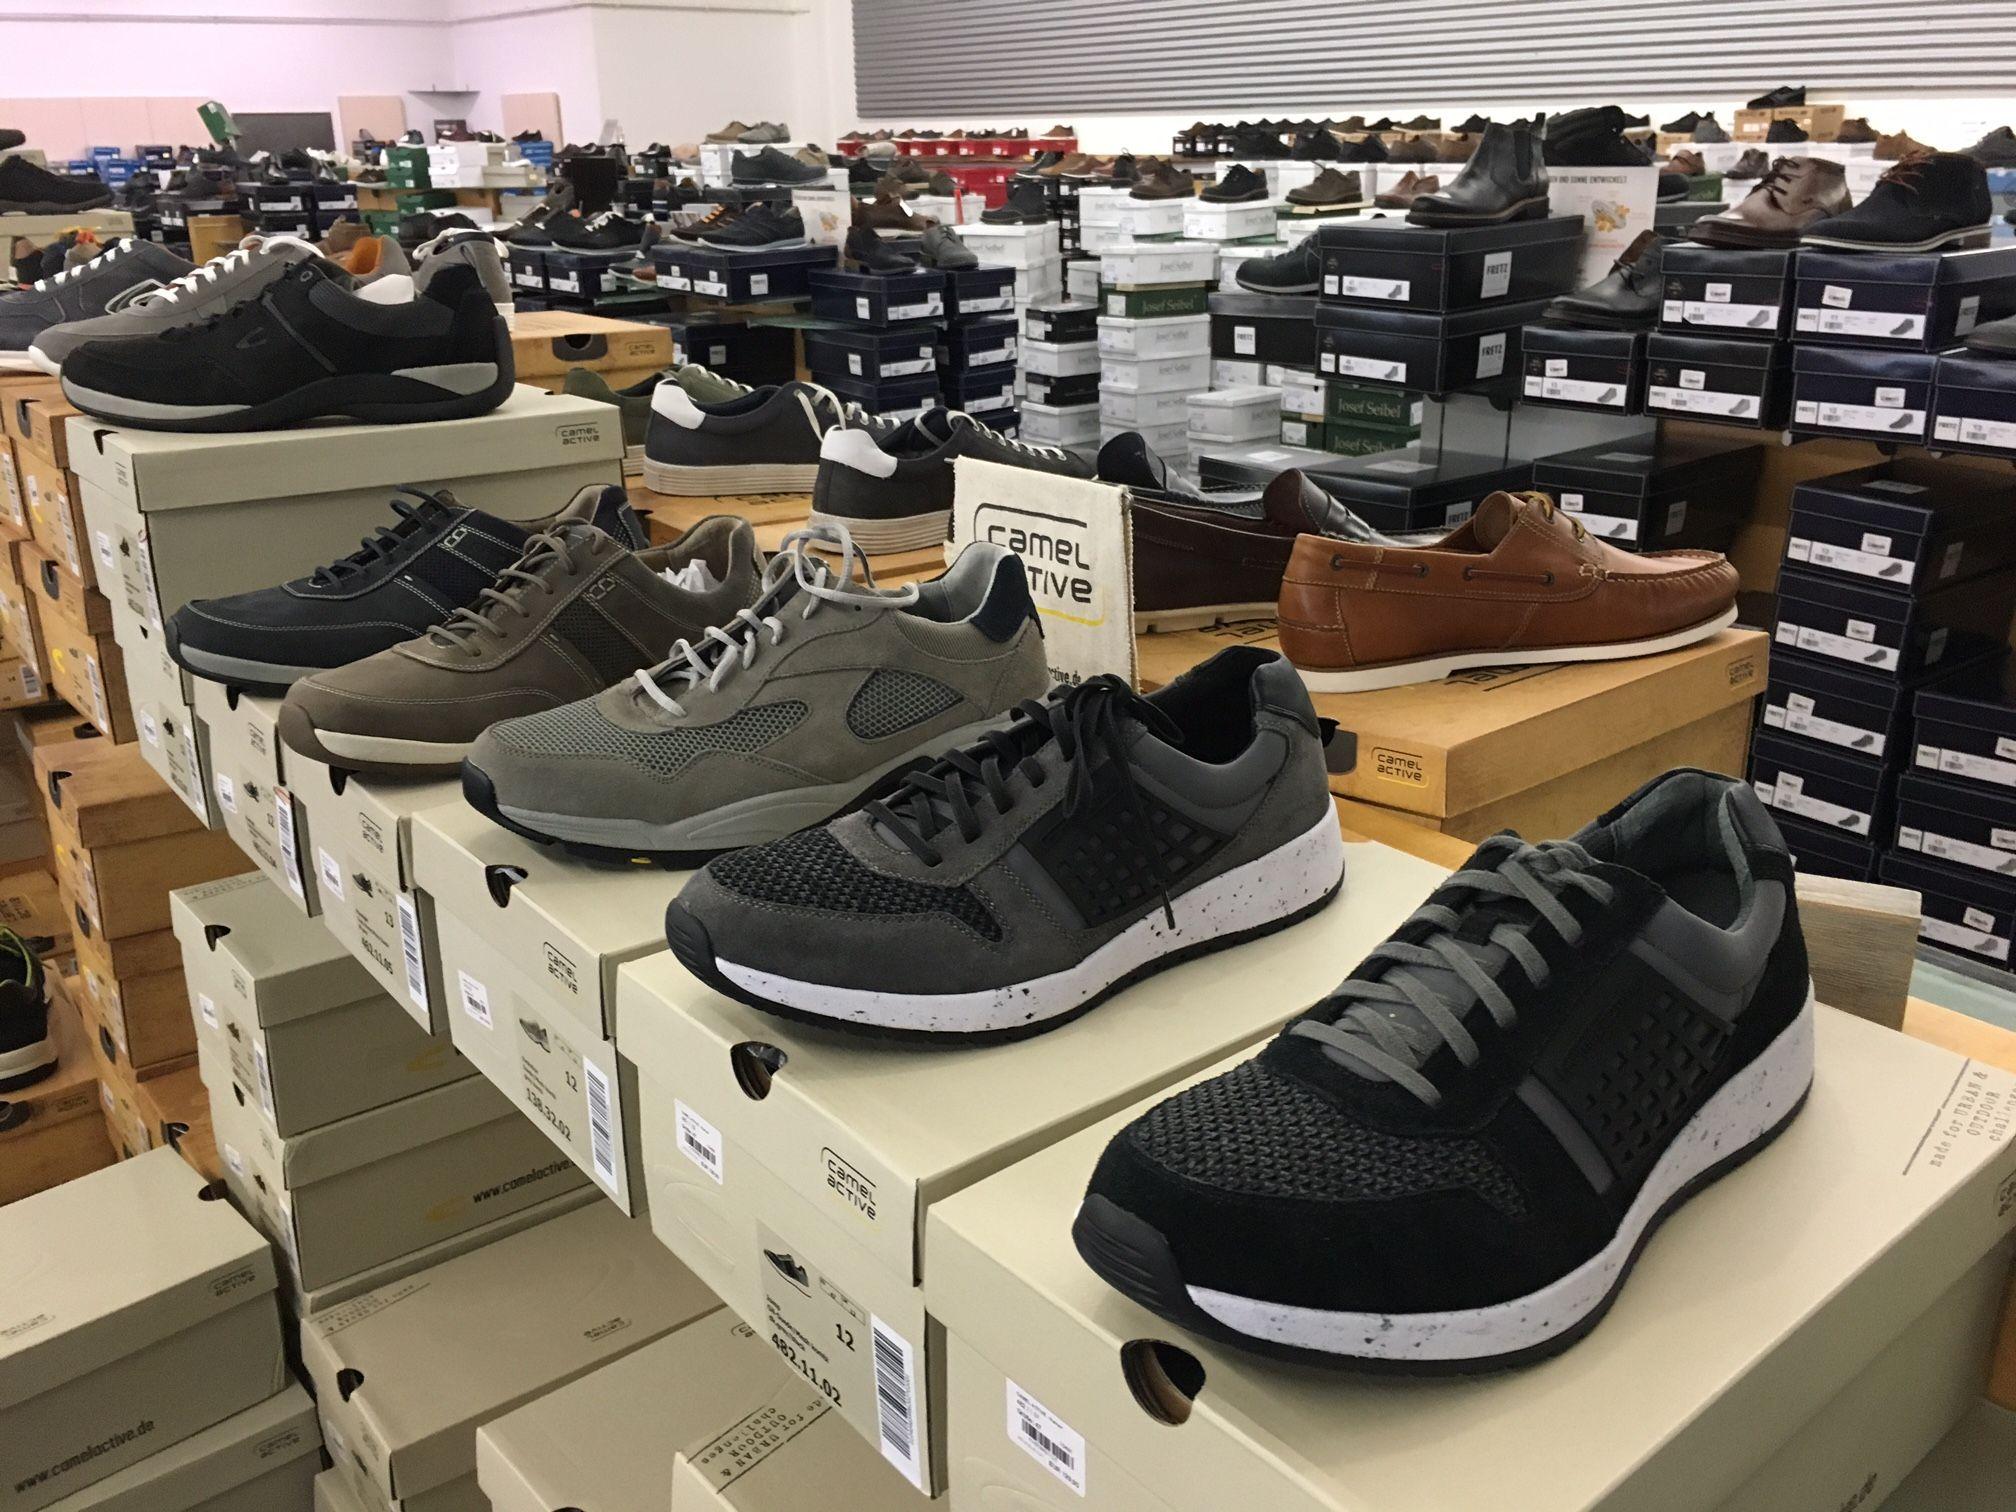 1100 qm Fachgeschäft für Schuhe in Übergrößen in Dörverden